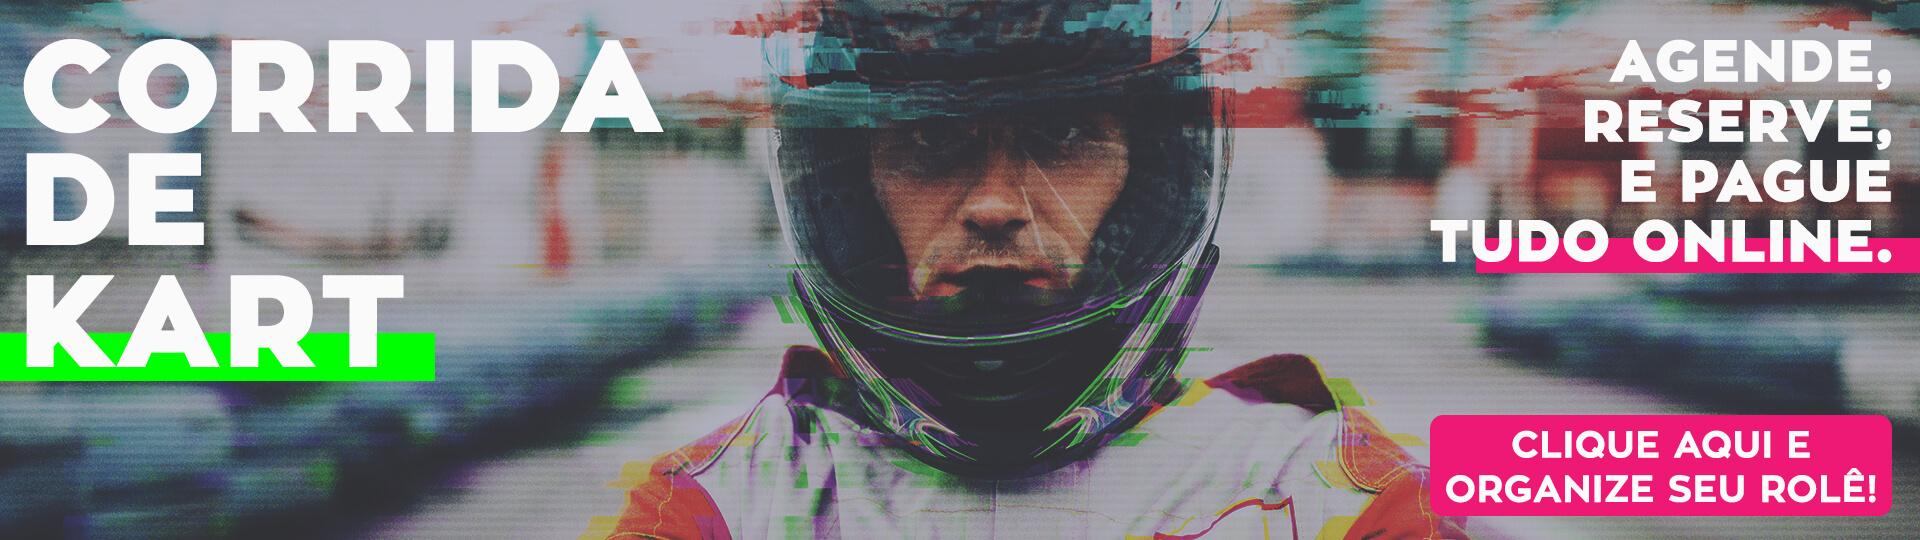 """Imagem de um piloto de kart, com o texto """"Corrida de Kart"""" na esquerda e """"Agende, reserve e pague. Faça tudo isso online."""" na direita. Também tem um texto """"clique aqui e organize seu rolê"""", no canto direito inferior, ao lado do logo do Adrena."""